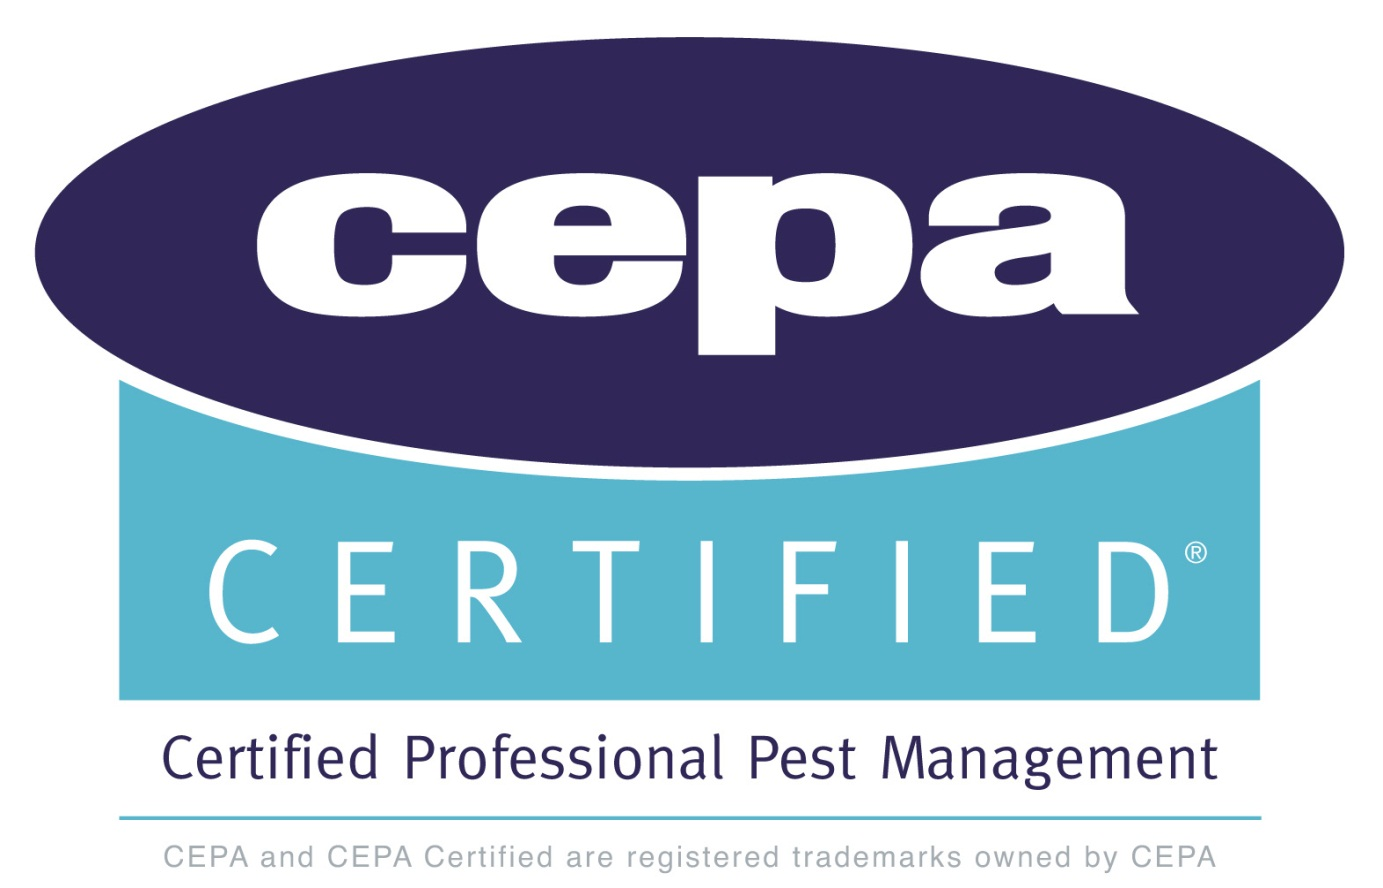 http://www.bps-kilian.de/wp-content/uploads/2016/10/CEPA-Logo.jpg